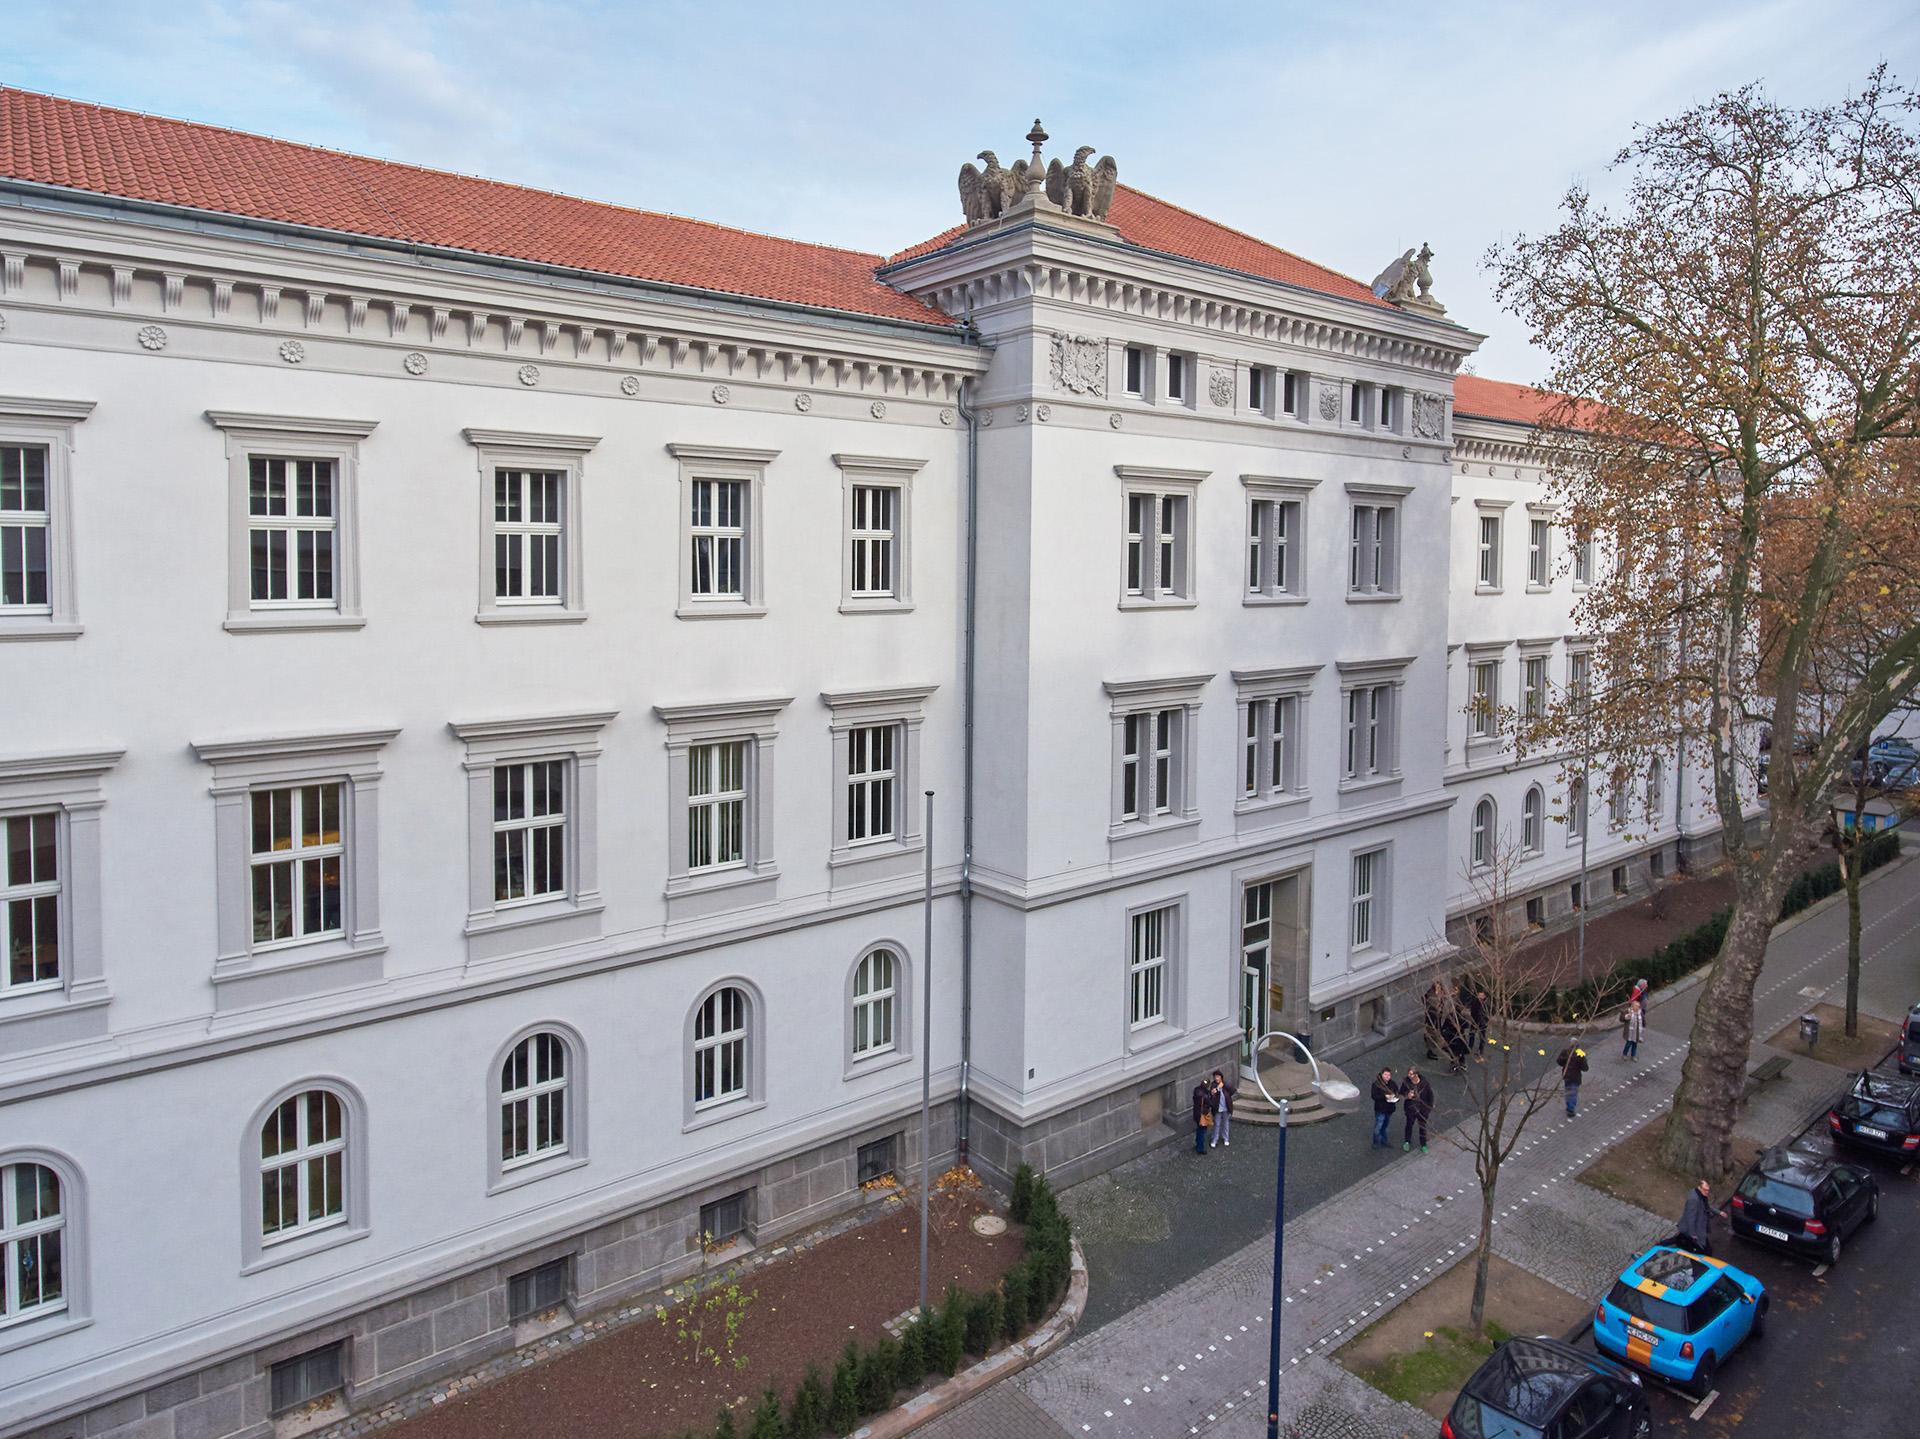 Fotodesign-matthias-schuetz-Dortmund-Luft